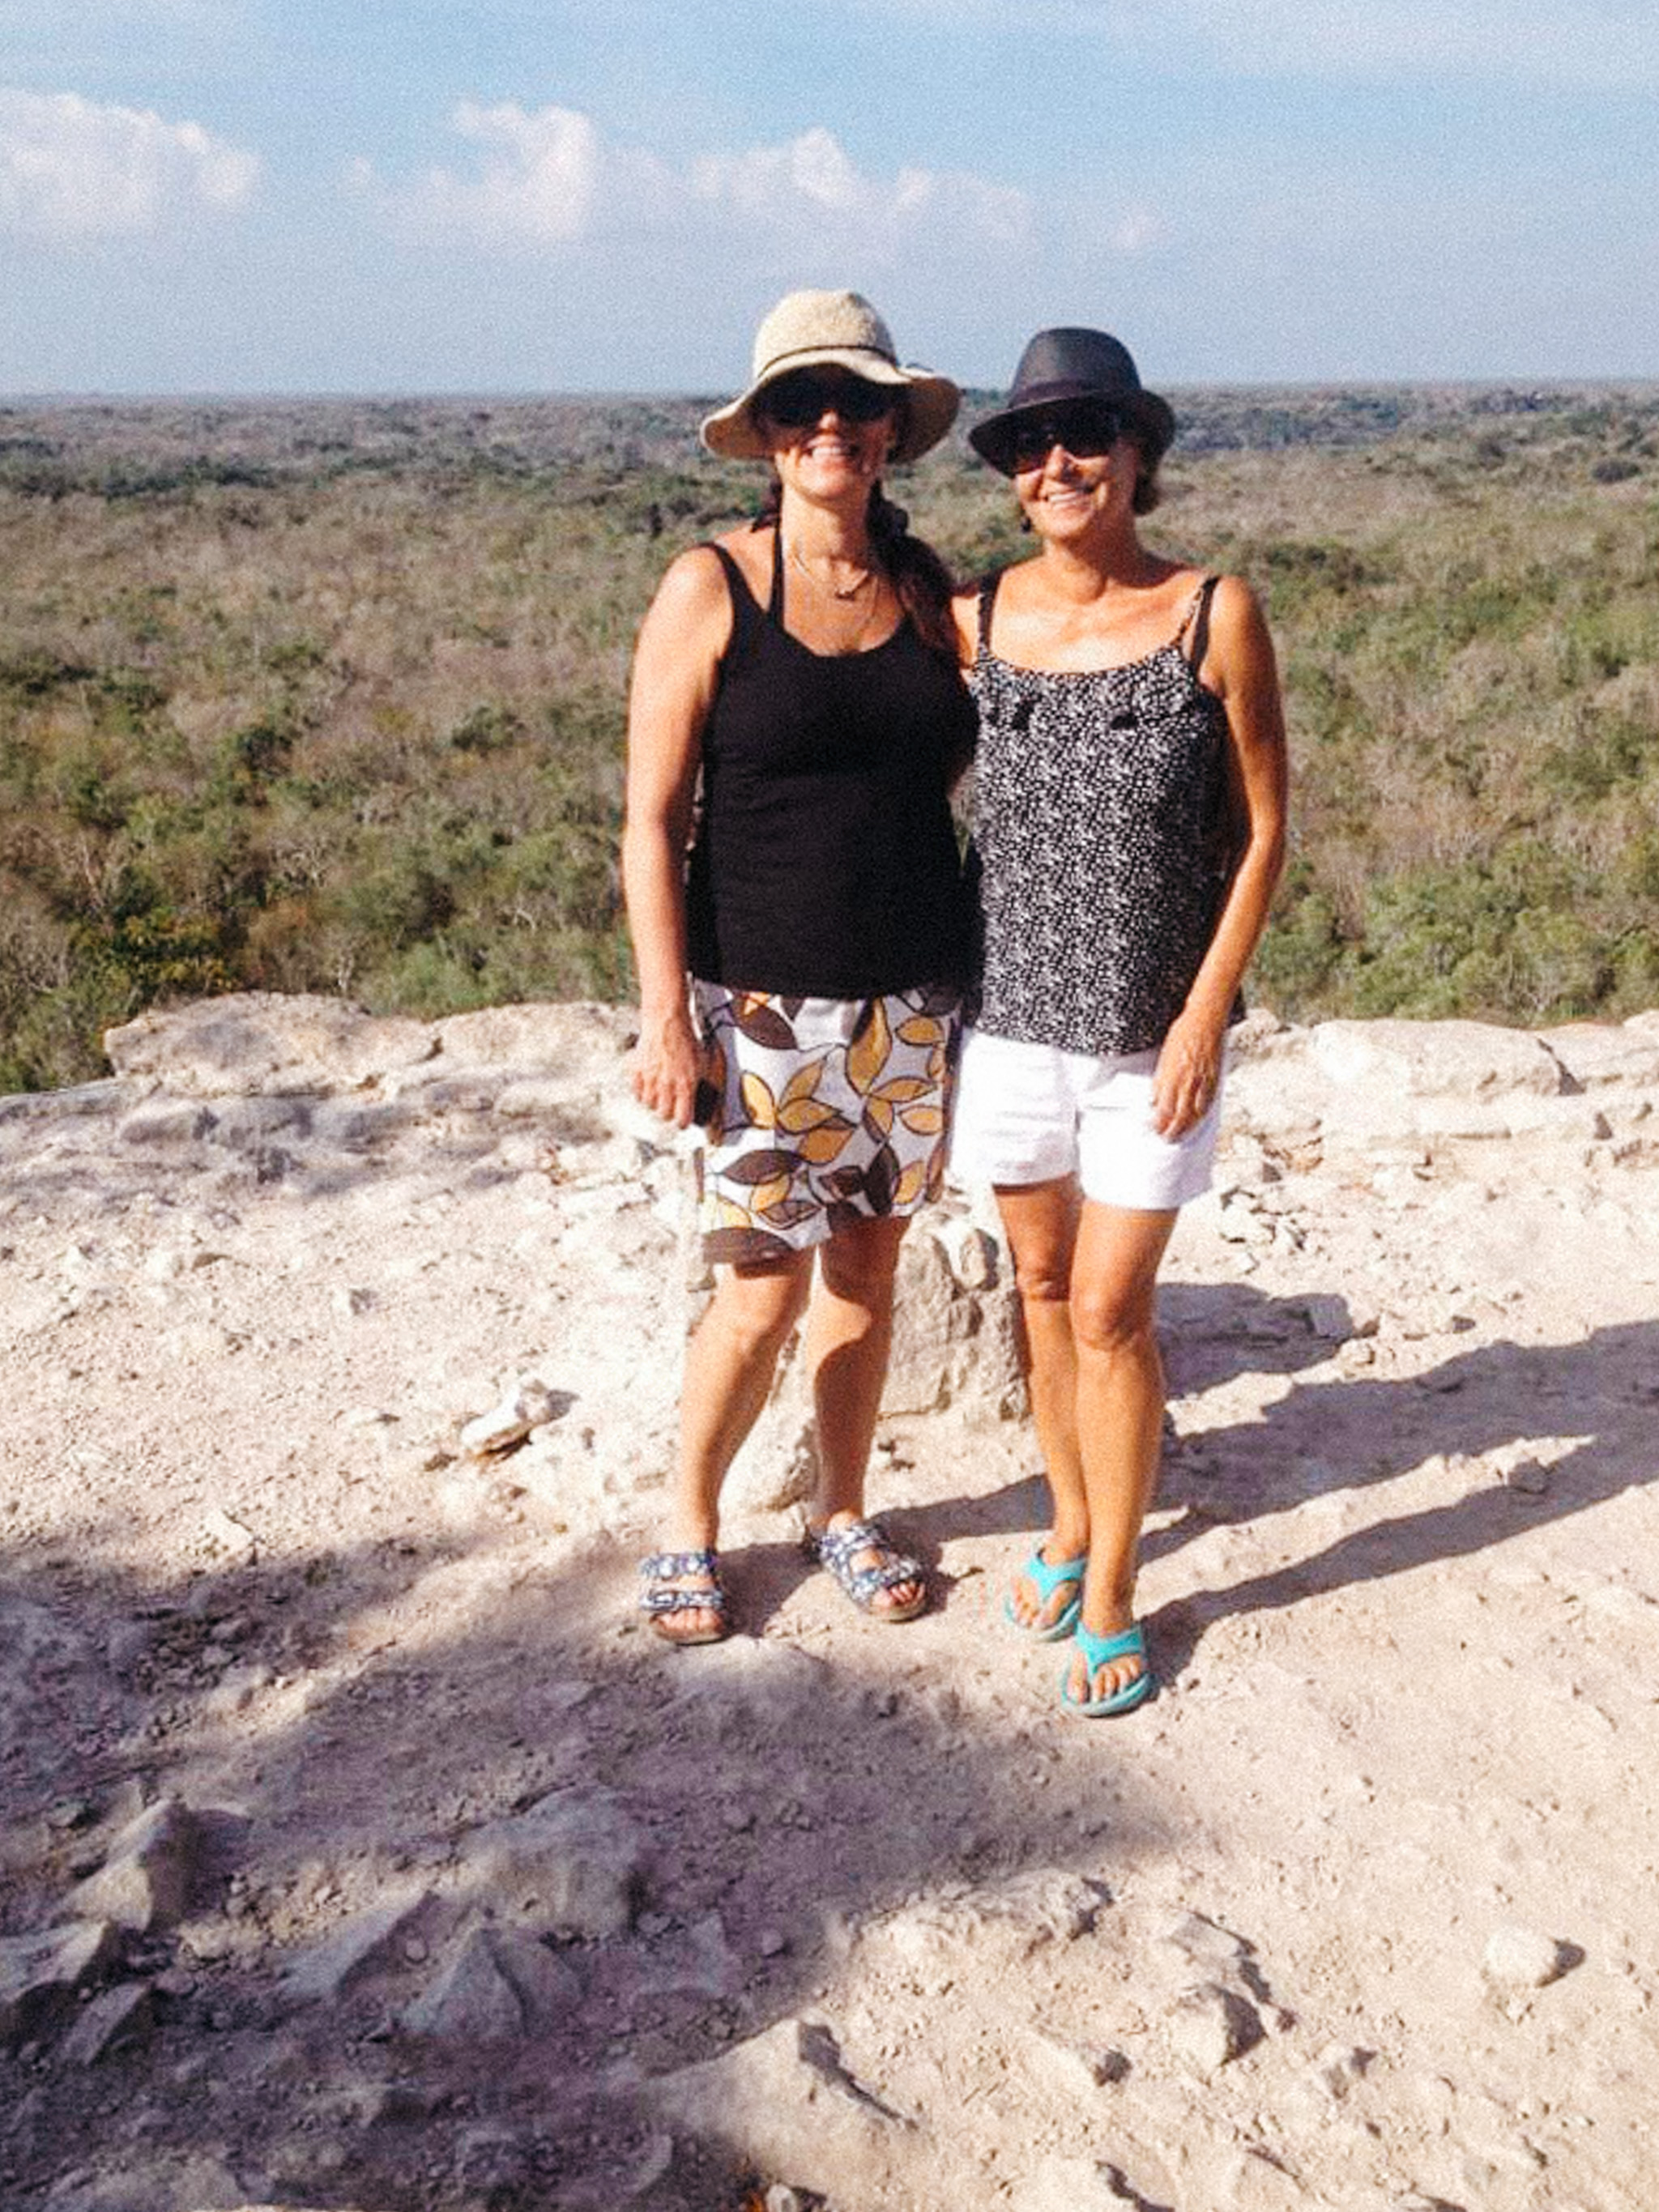 Hammocks_and_Ruins_Blog_Riviera_Maya_Mexico_Travel_Discover_Explore_Yucatan_Pyramid_Temple_Coba_Ruins_50-2.jpg